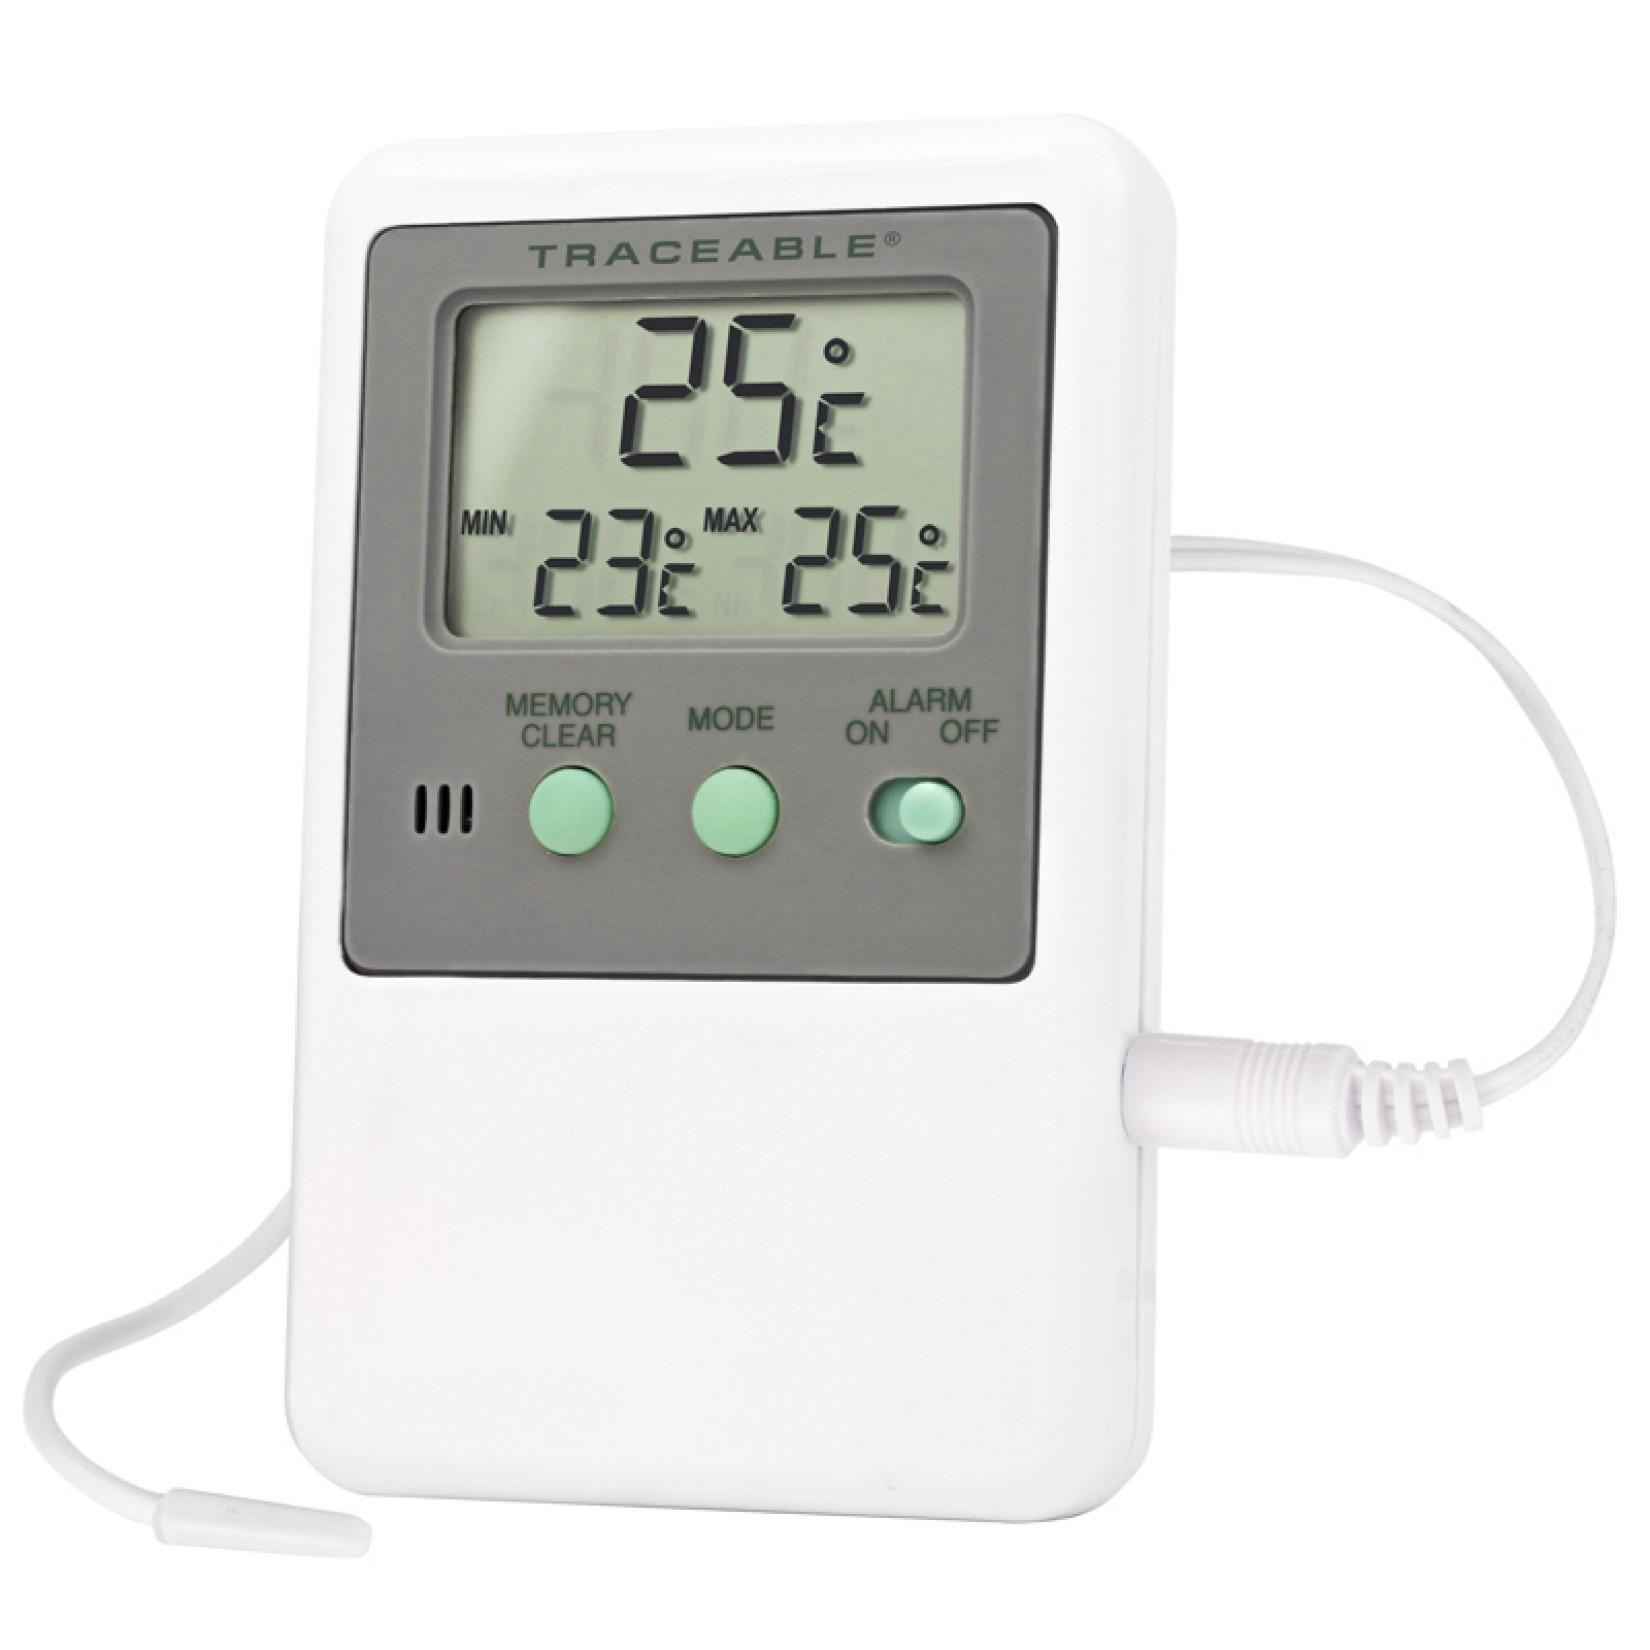 Termómetro con monitoreo y memoria para refrigerador Certificado